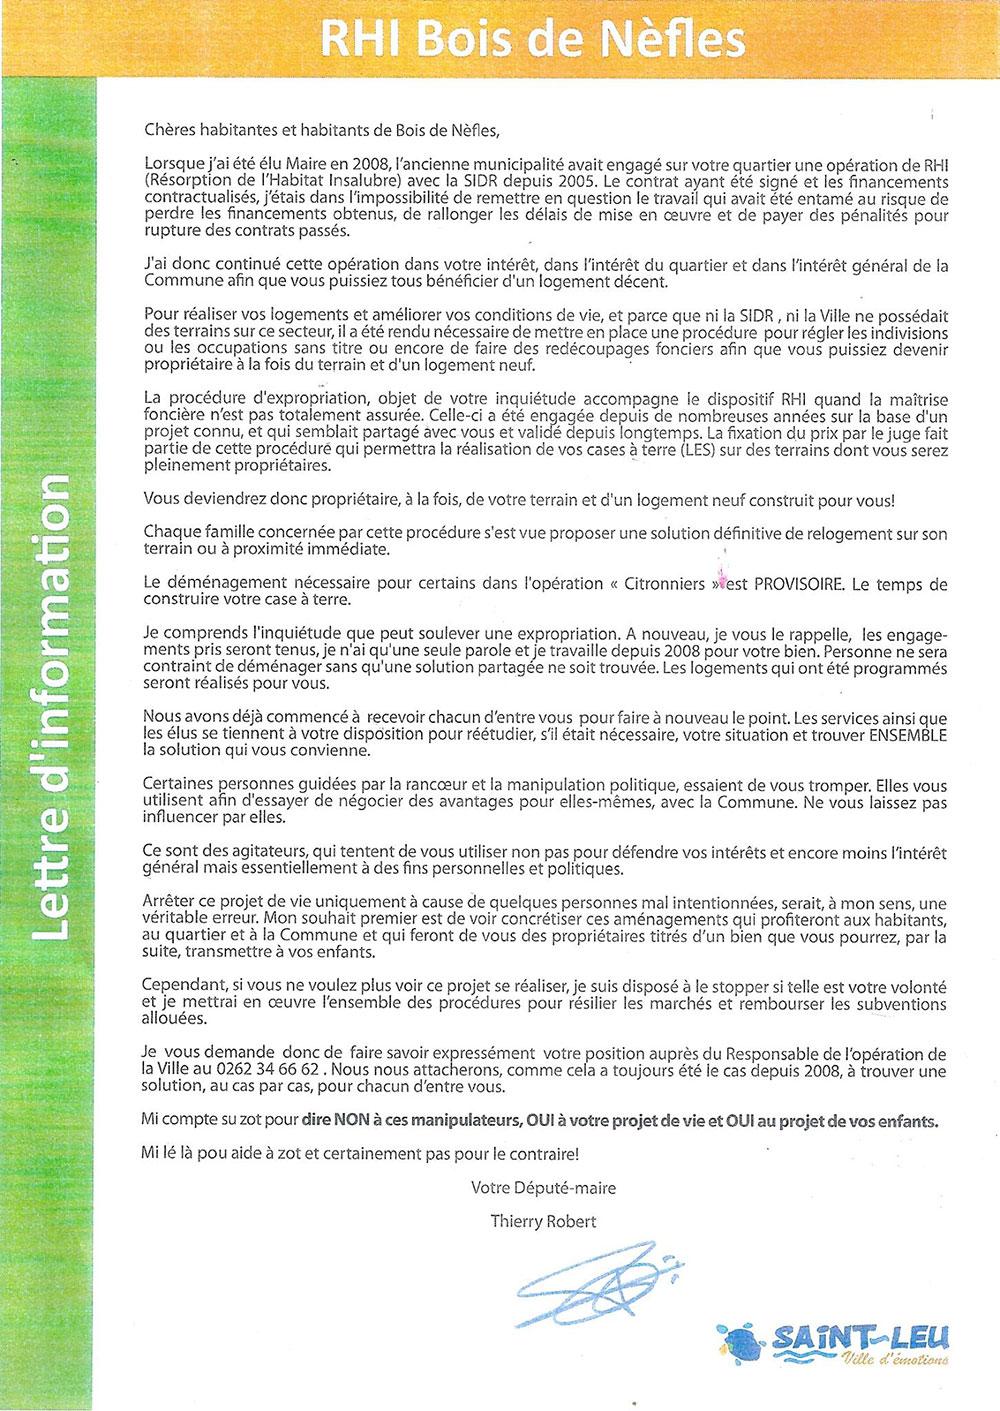 Thierry Robert et la RHI de Bois de Nefles